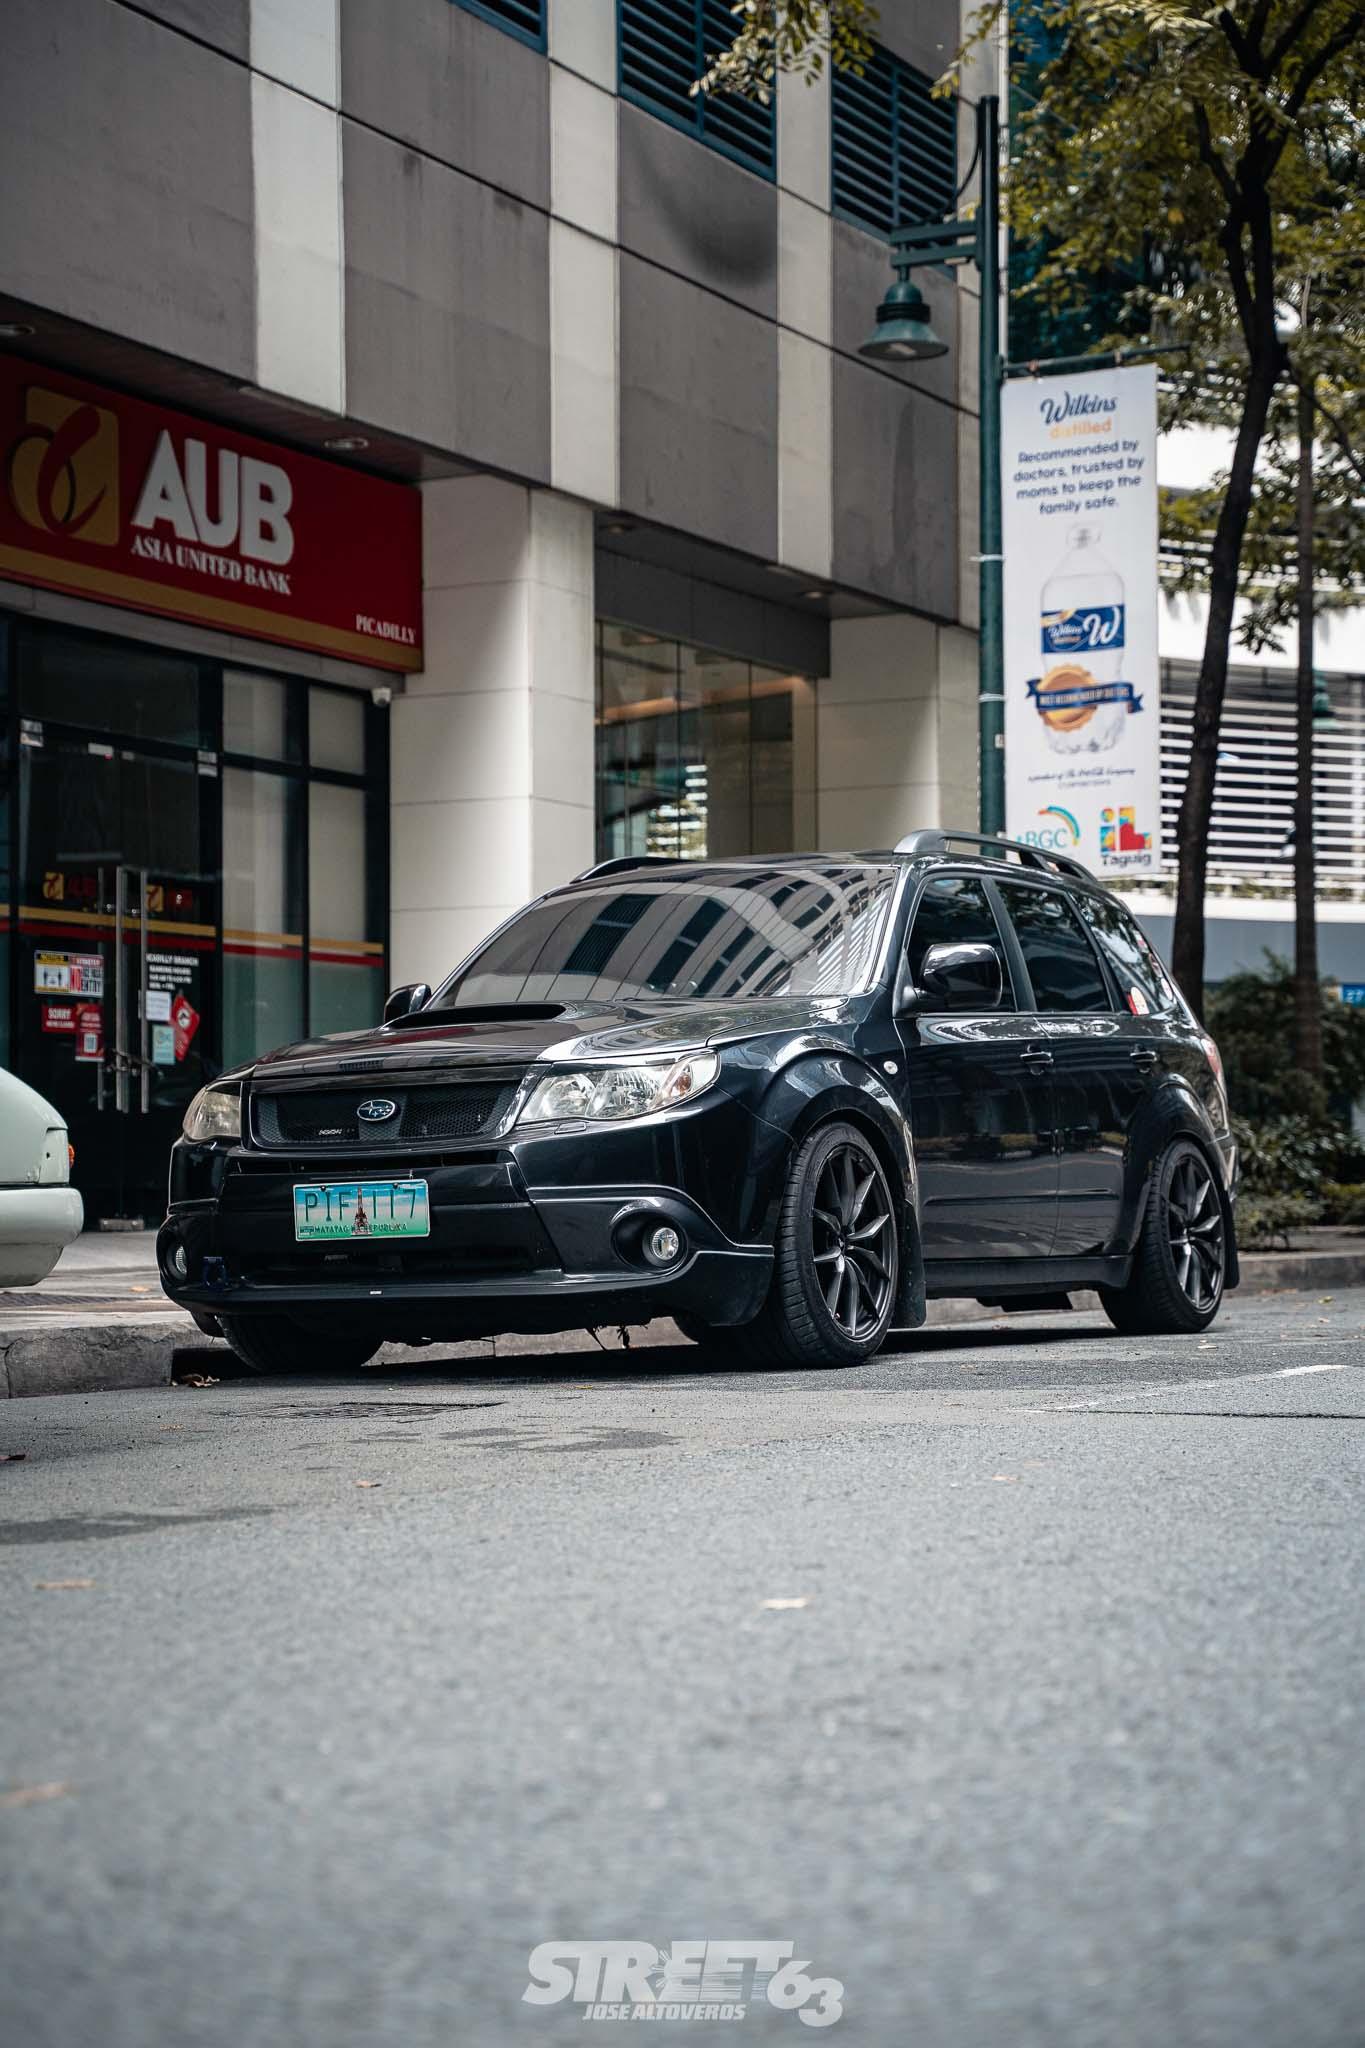 Subaru 13